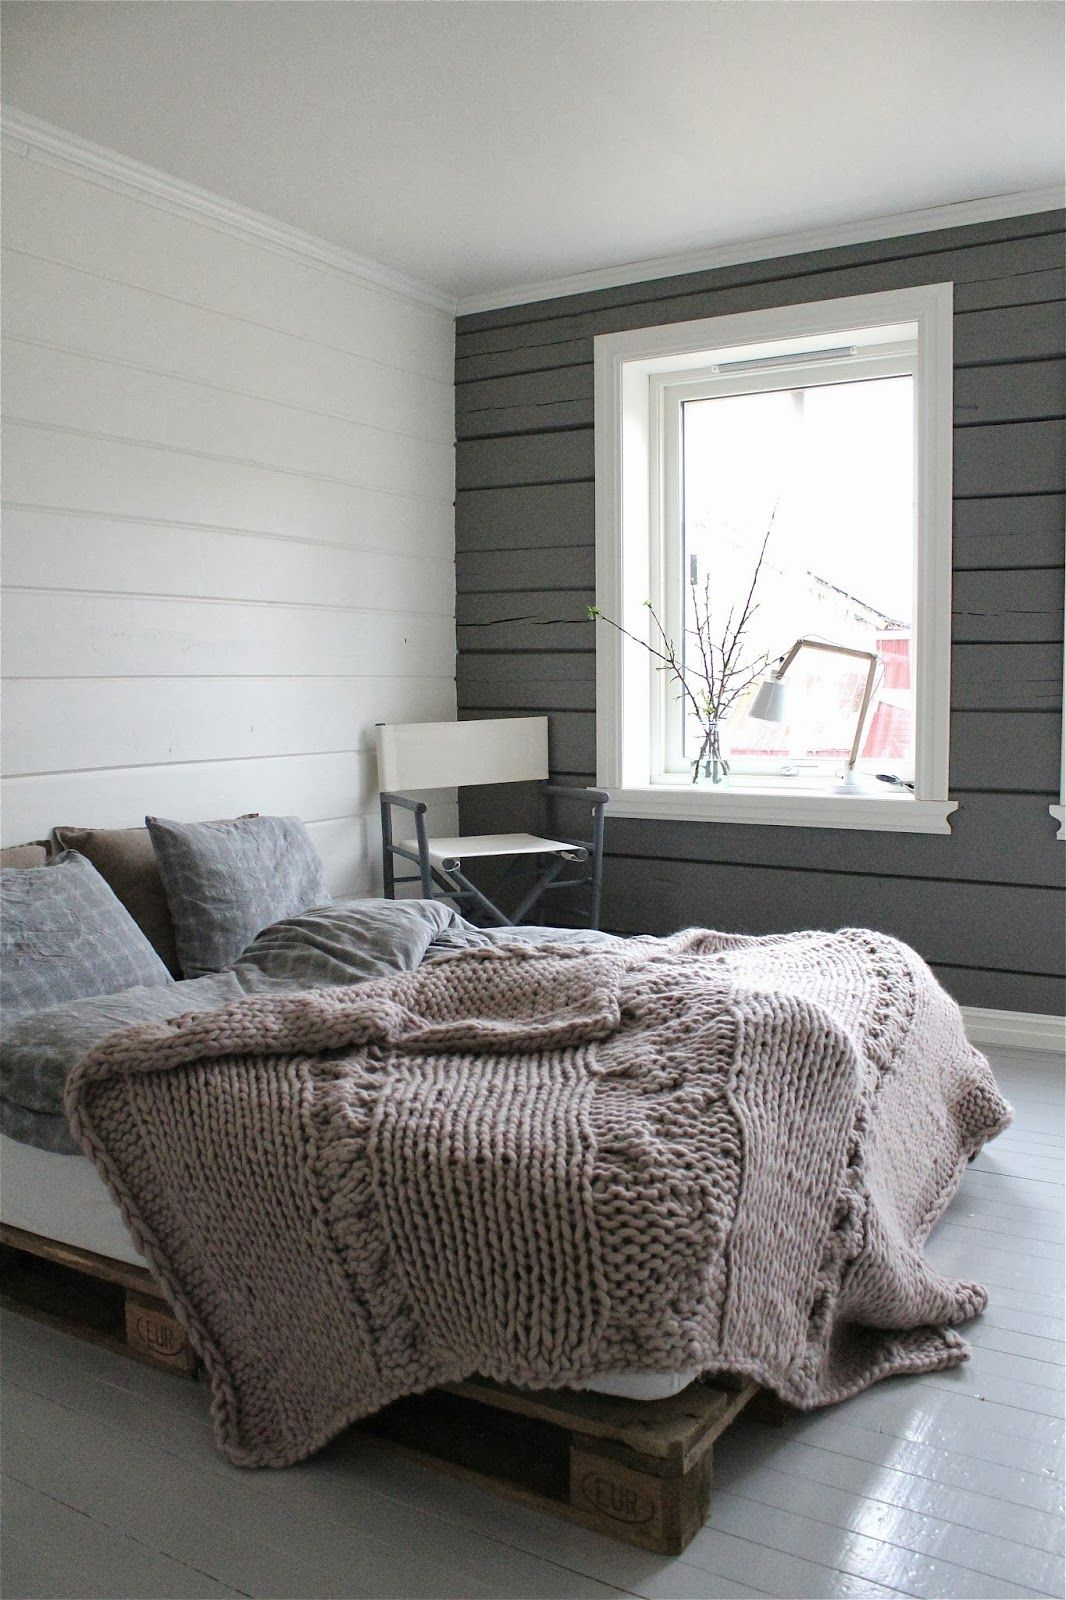 Bestes schlafzimmer schlafzimmer bedroom  dream home  pinterest  schlafzimmer stricken und wohnen